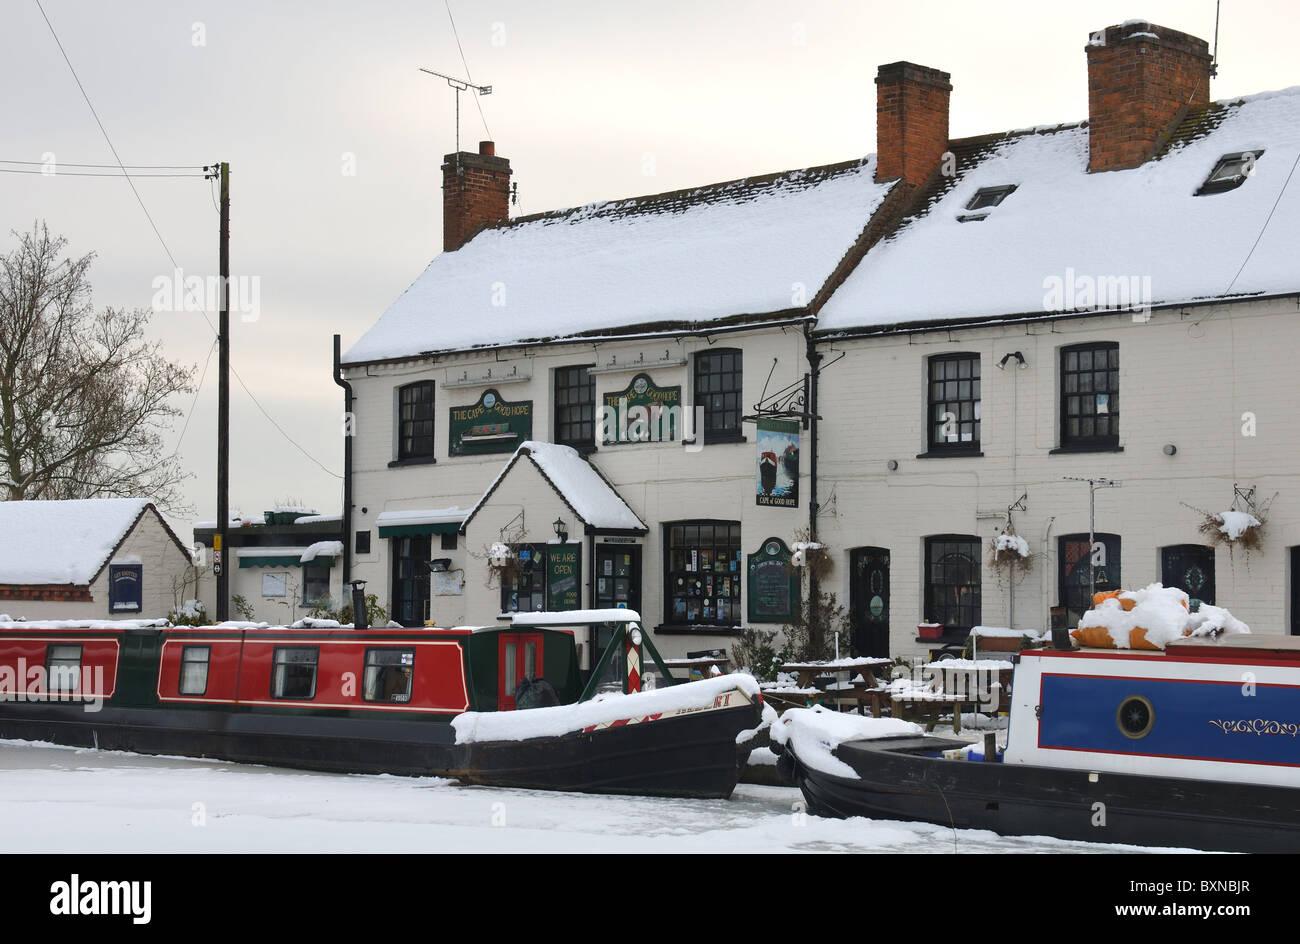 Le Cap de Bonne Espérance pub et Grand Union Canal en hiver avec la neige, Warwick, Royaume-Uni Photo Stock